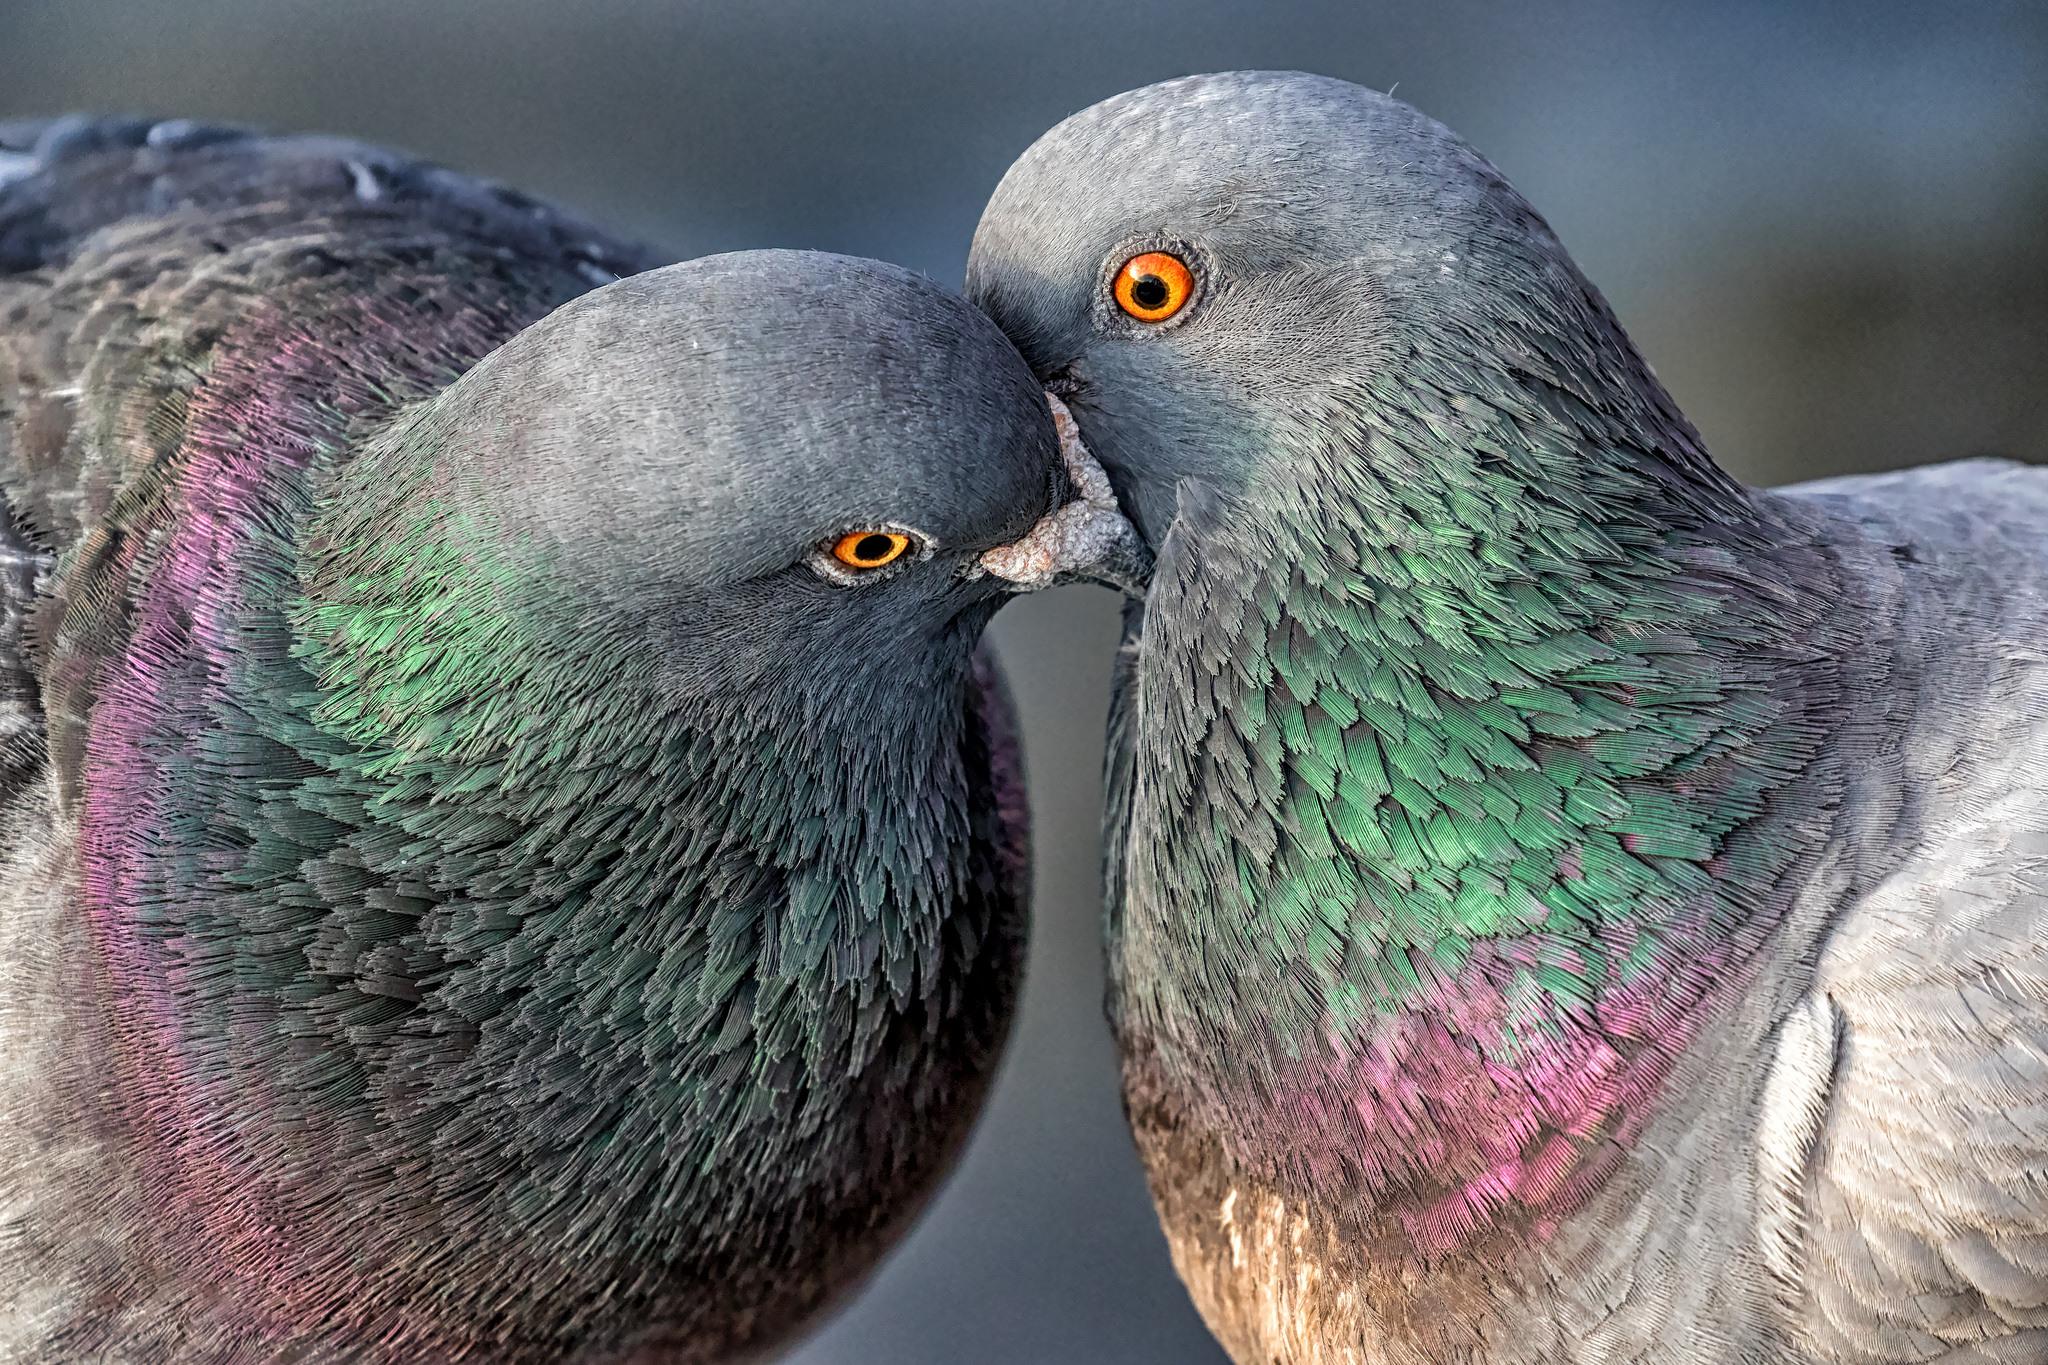 выполнены фото поцелуя птички вред может нанести